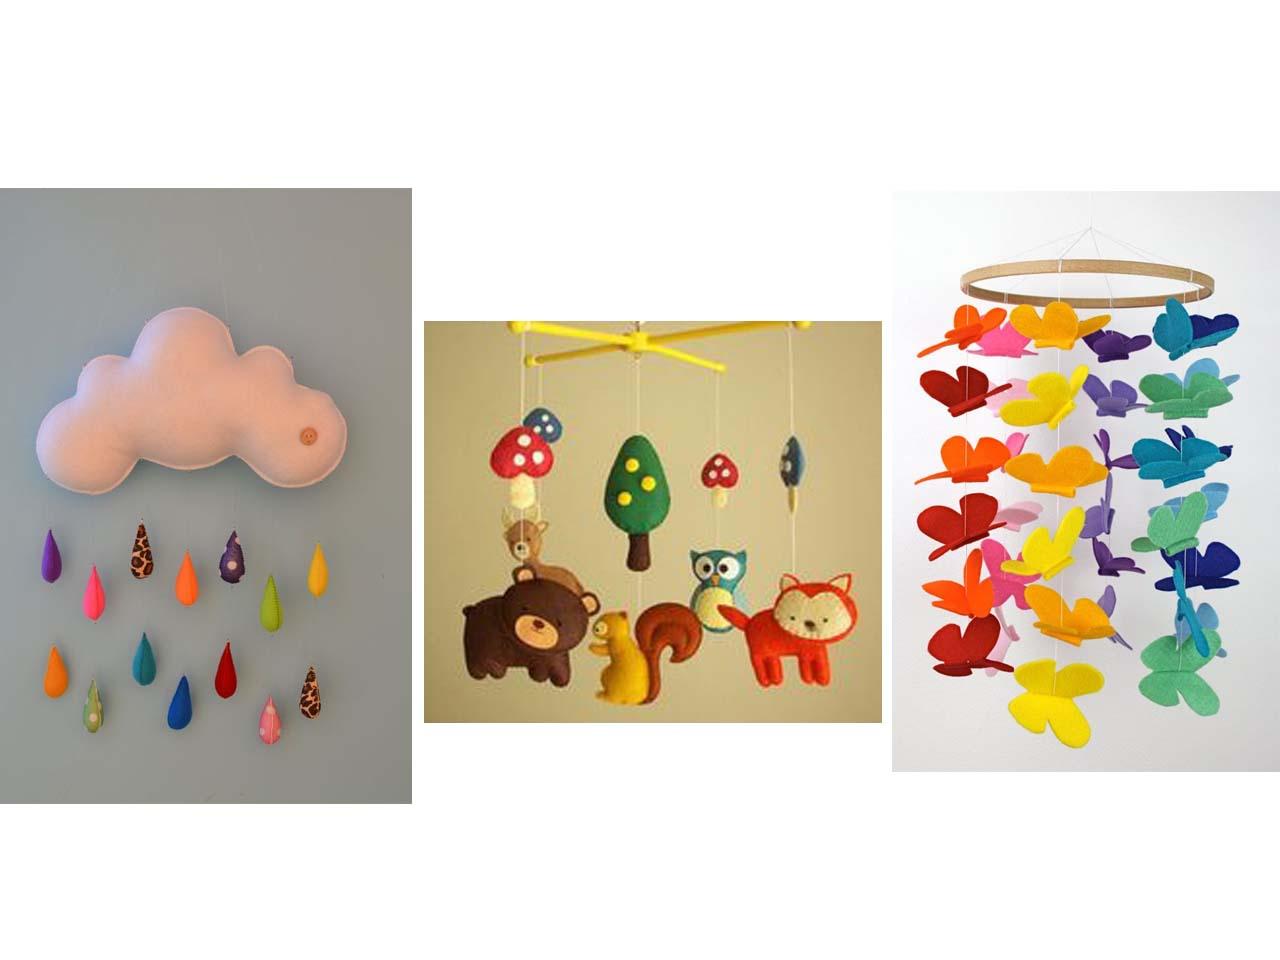 12 manualidades molonas de decoraci n infantil con fieltro - Decorar cuarto infantil ...